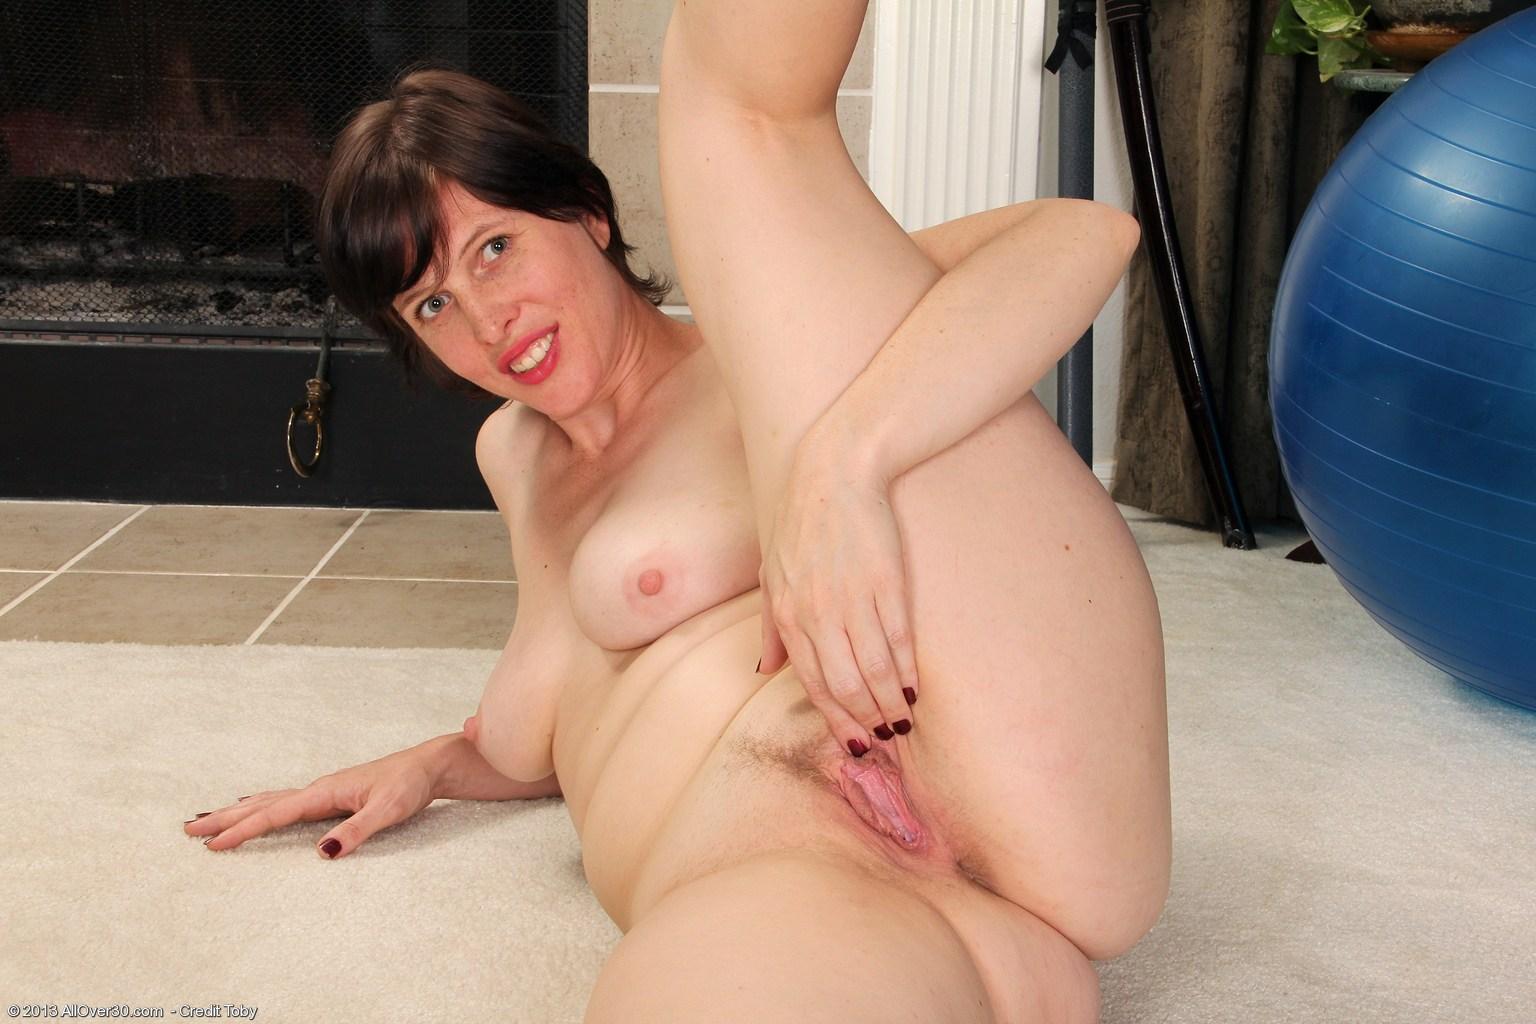 Granny big tits photos